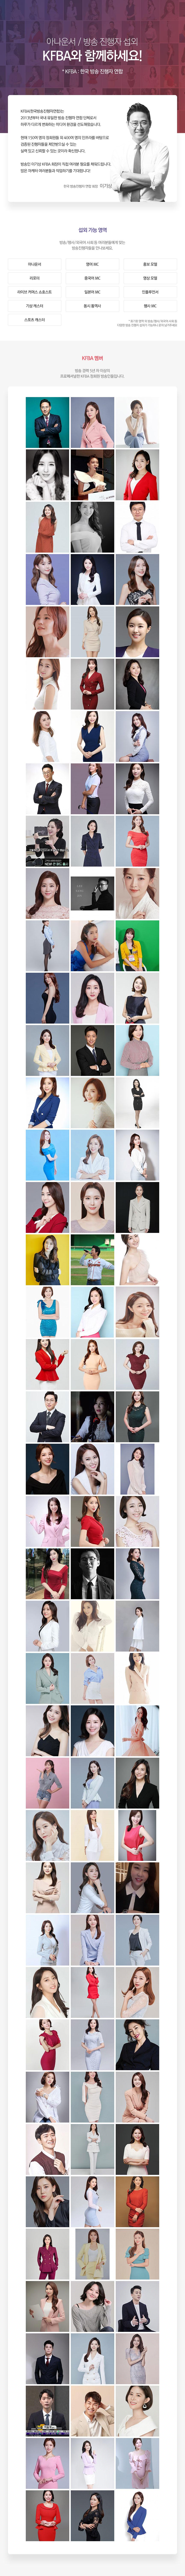 아나운서 섭외 문의 - 한국방송진행자연합 KFBA